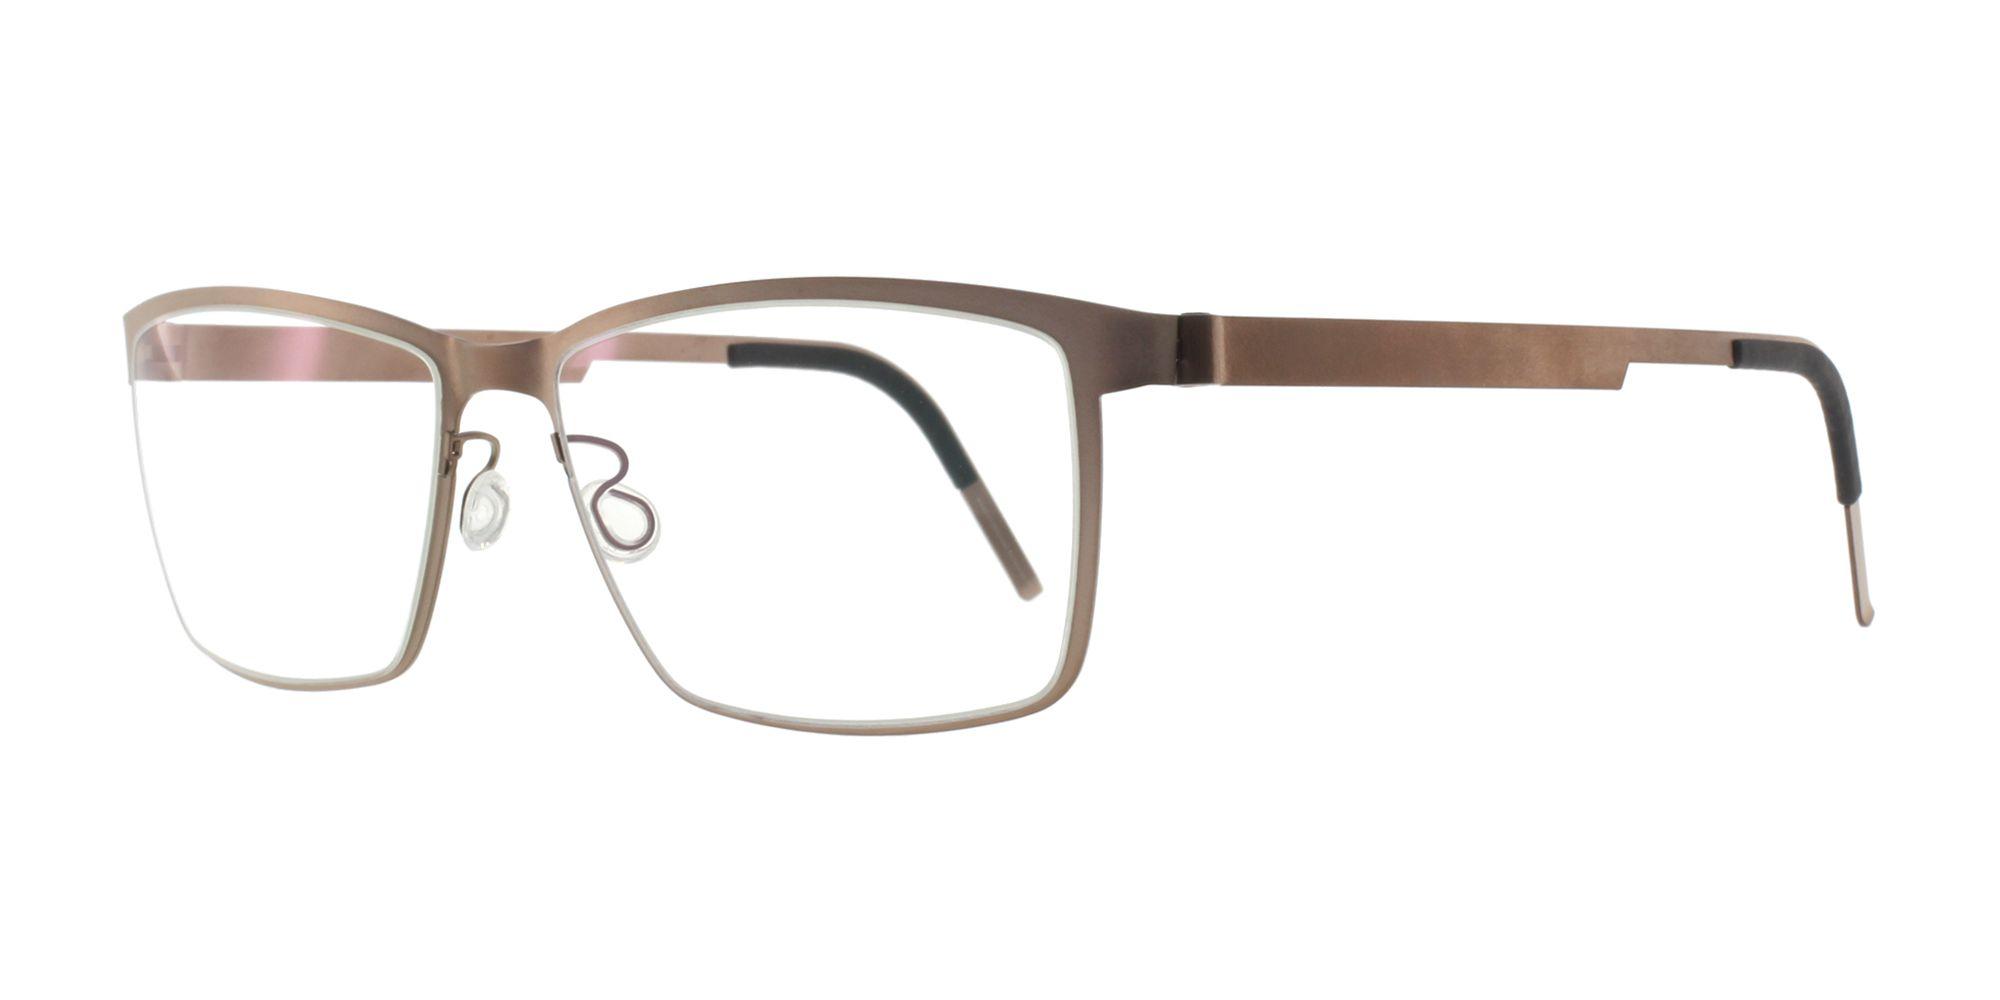 Lindberg STRIP9573U12 Eyeglasses - 45 Degree View